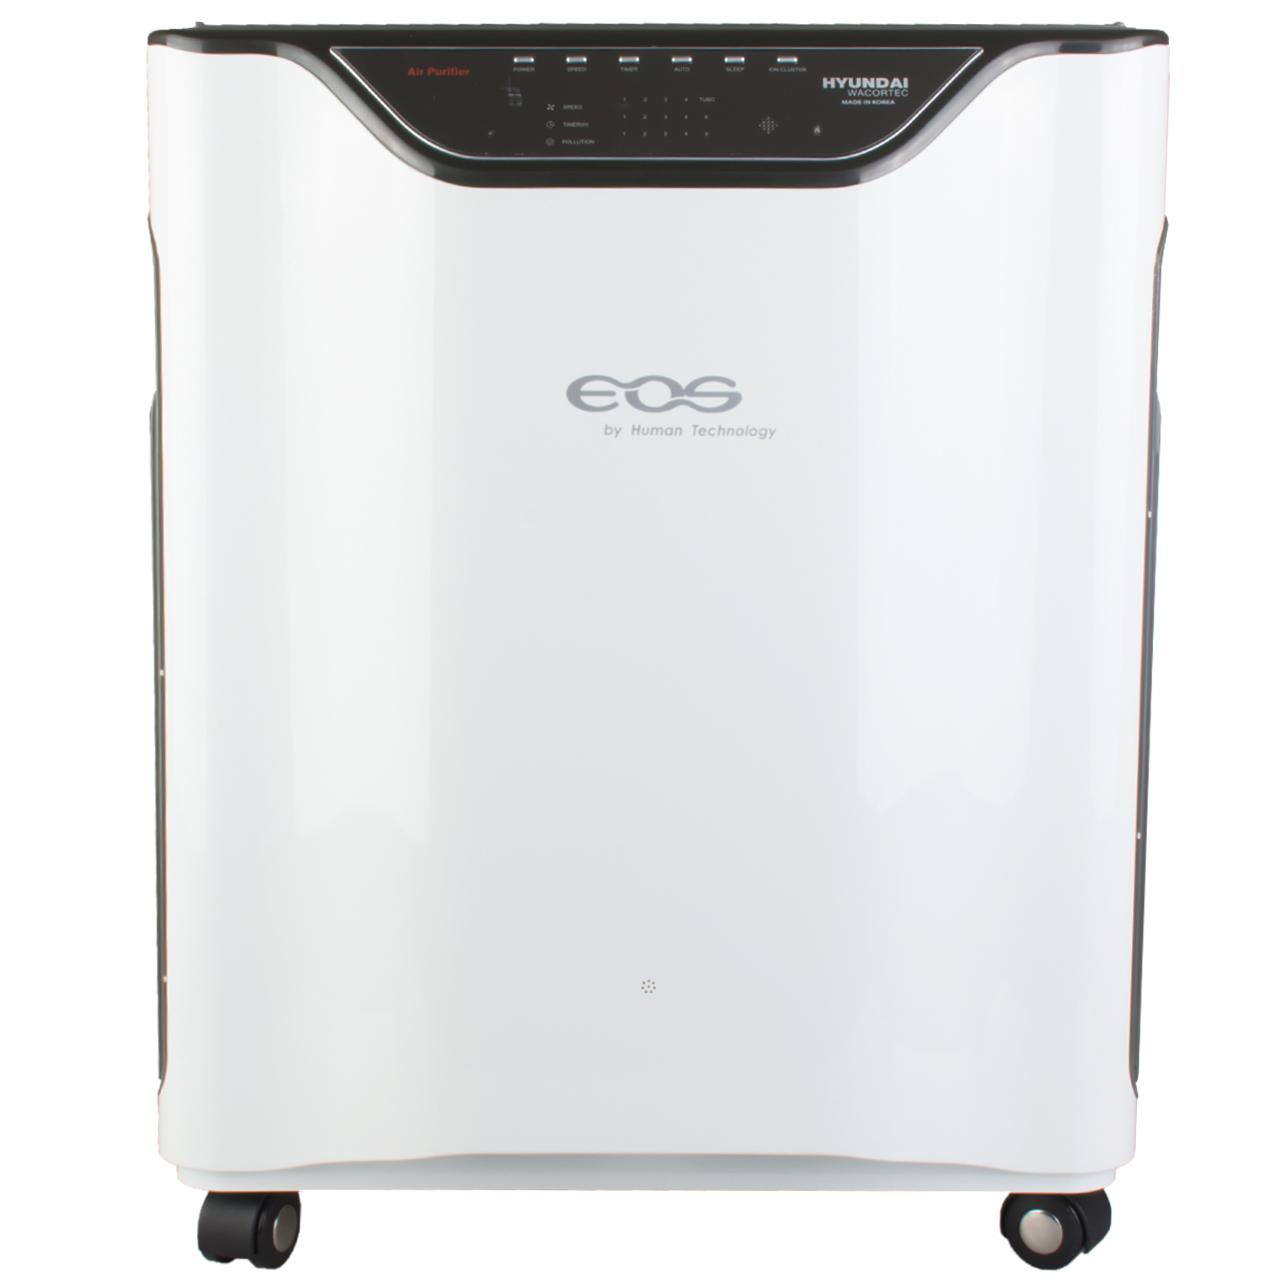 فروش نقدی و اقساطی دستگاه تصفیه هوا هیوندای واکورتک مدل EOS-501D